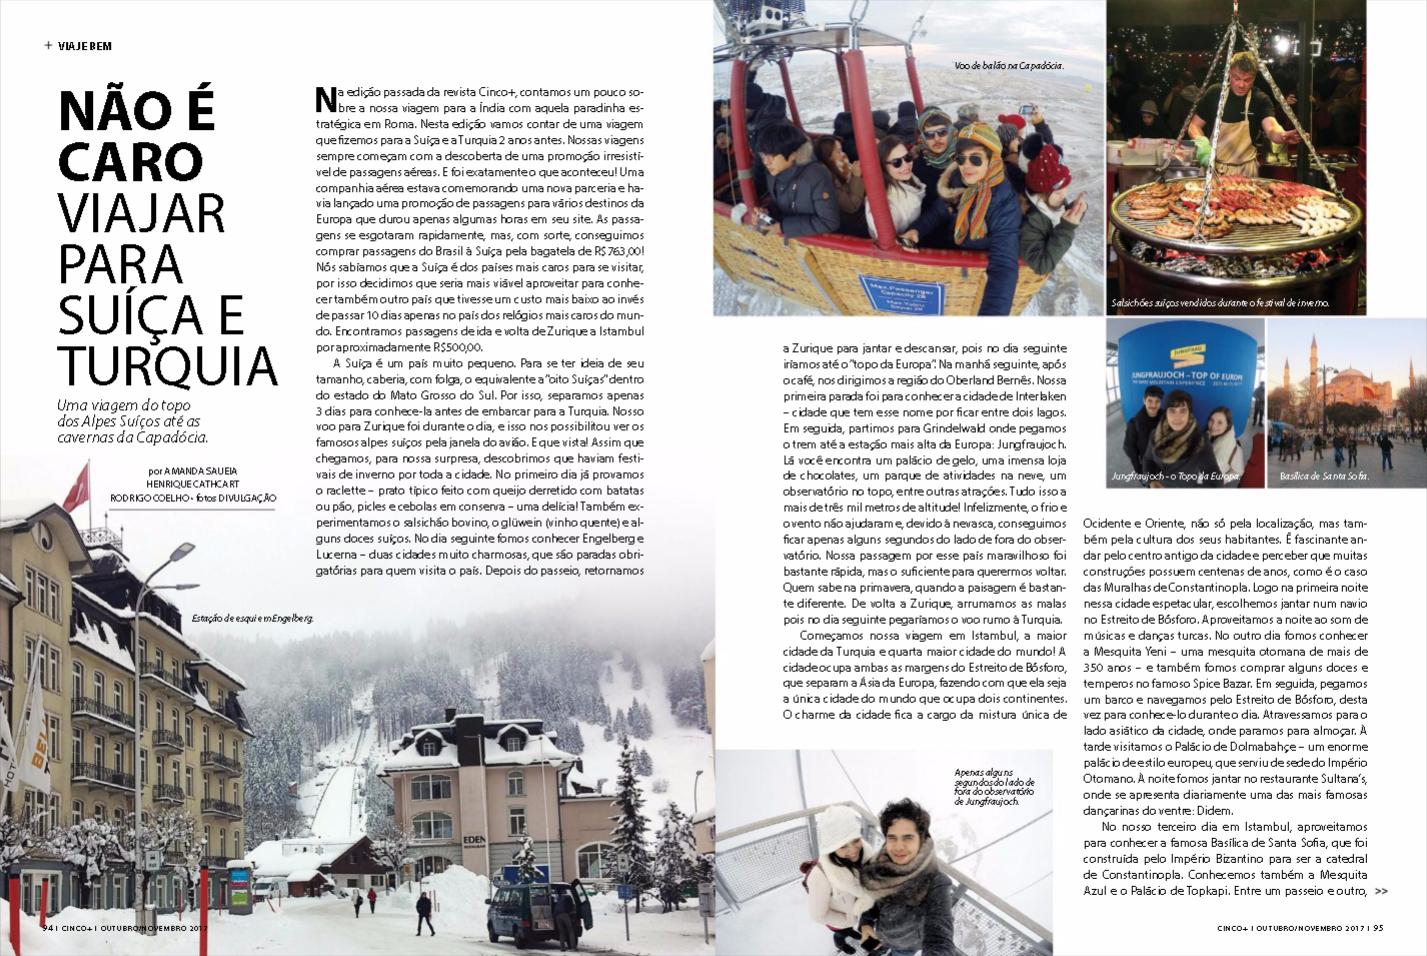 Não é caro viajar para a Suíça e Turquia [Revista CINCO+]